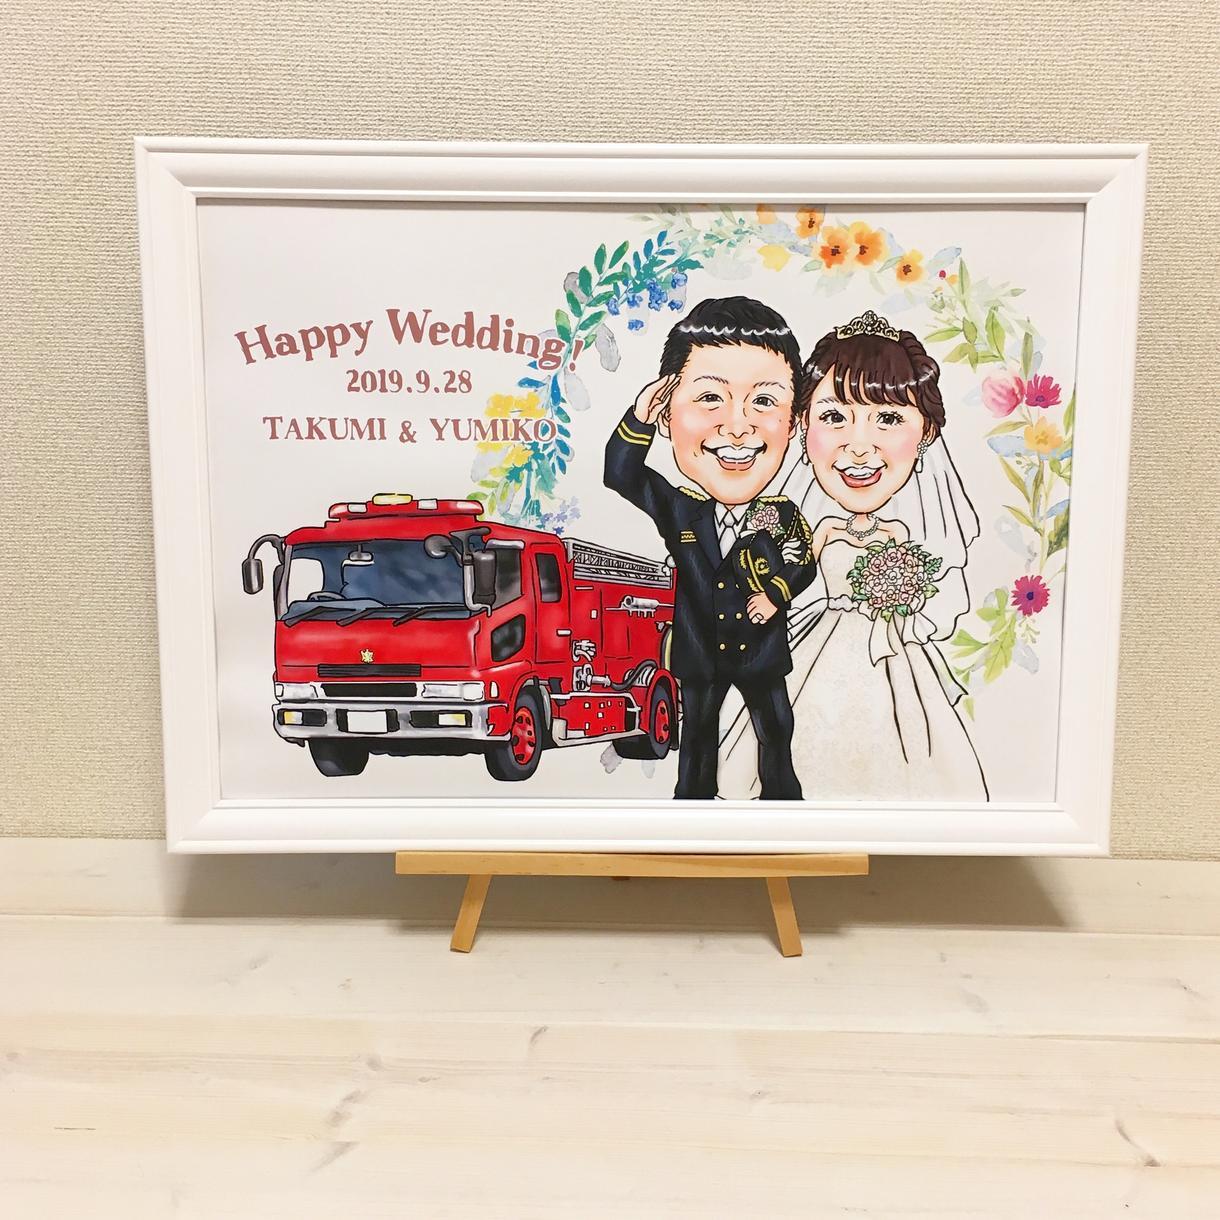 結婚式や記念日の似顔絵描きます 他サイトにて実績あり。可愛い似顔絵描きます。